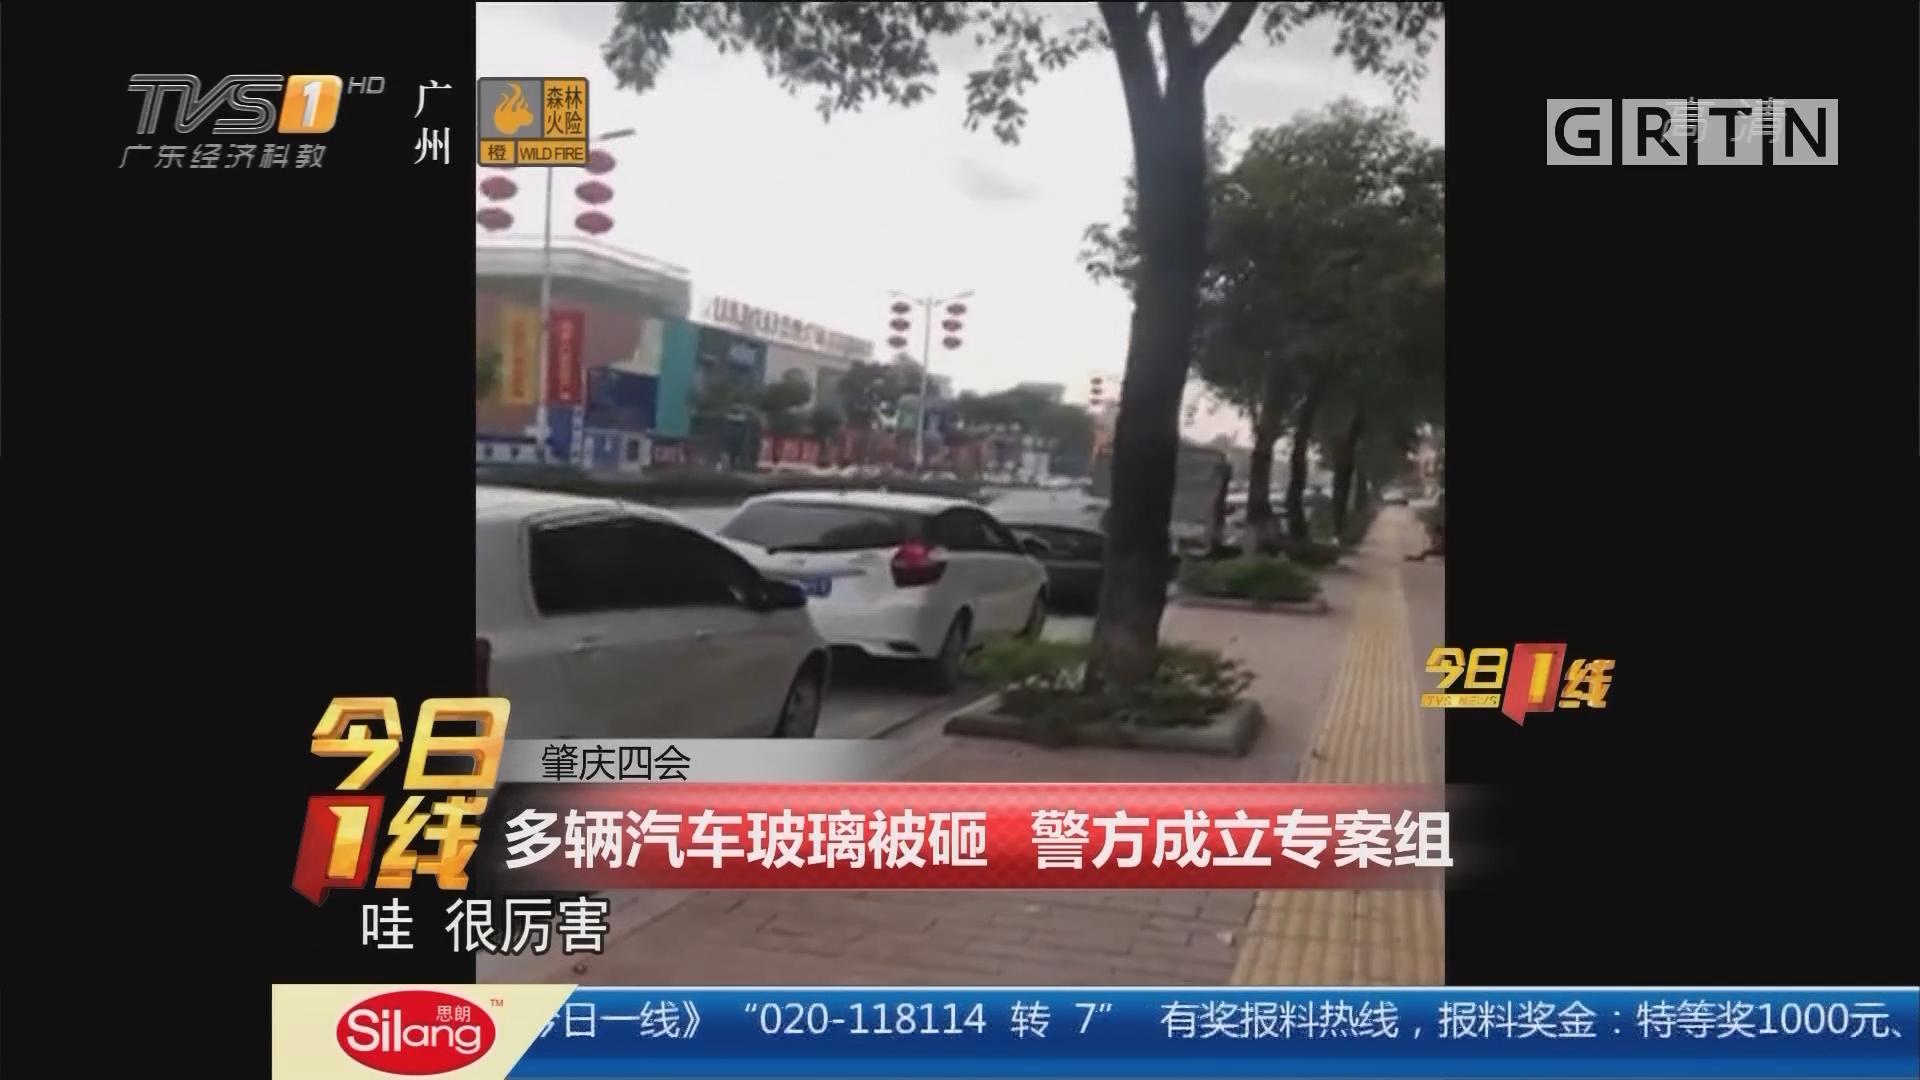 肇庆四会:多辆汽车玻璃被砸 警方成立专案组